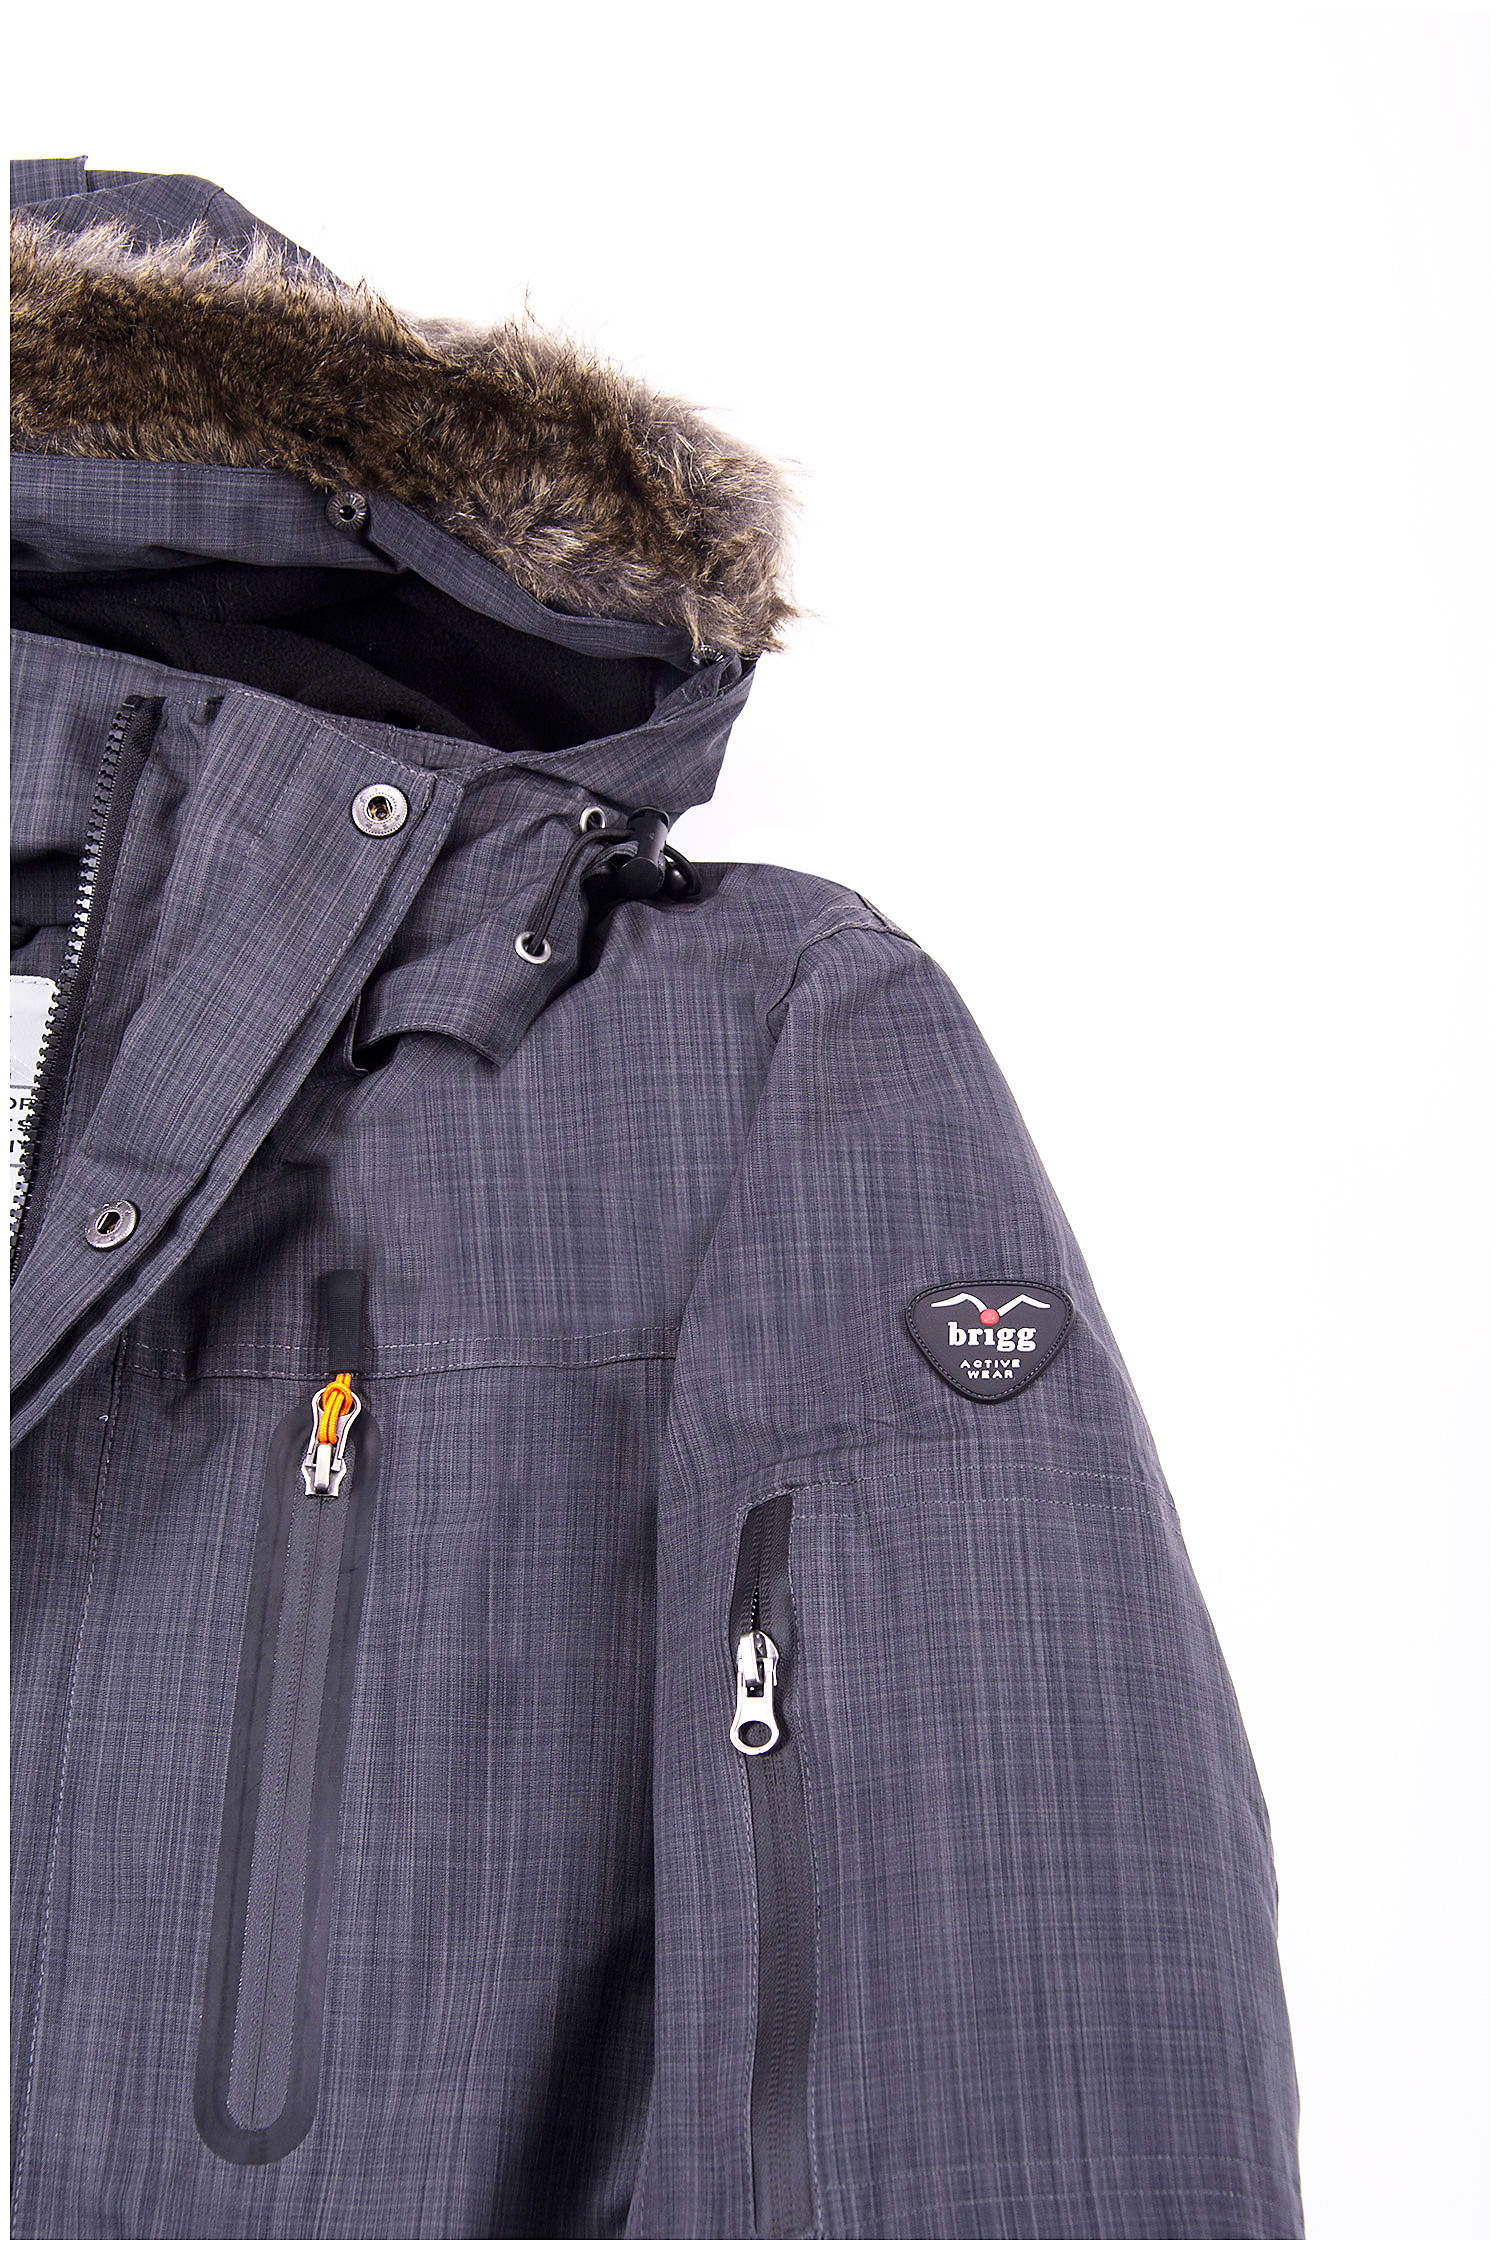 Abrigo, Chaquetones y Piel, 108743, GRIS MEDIO | Zoom